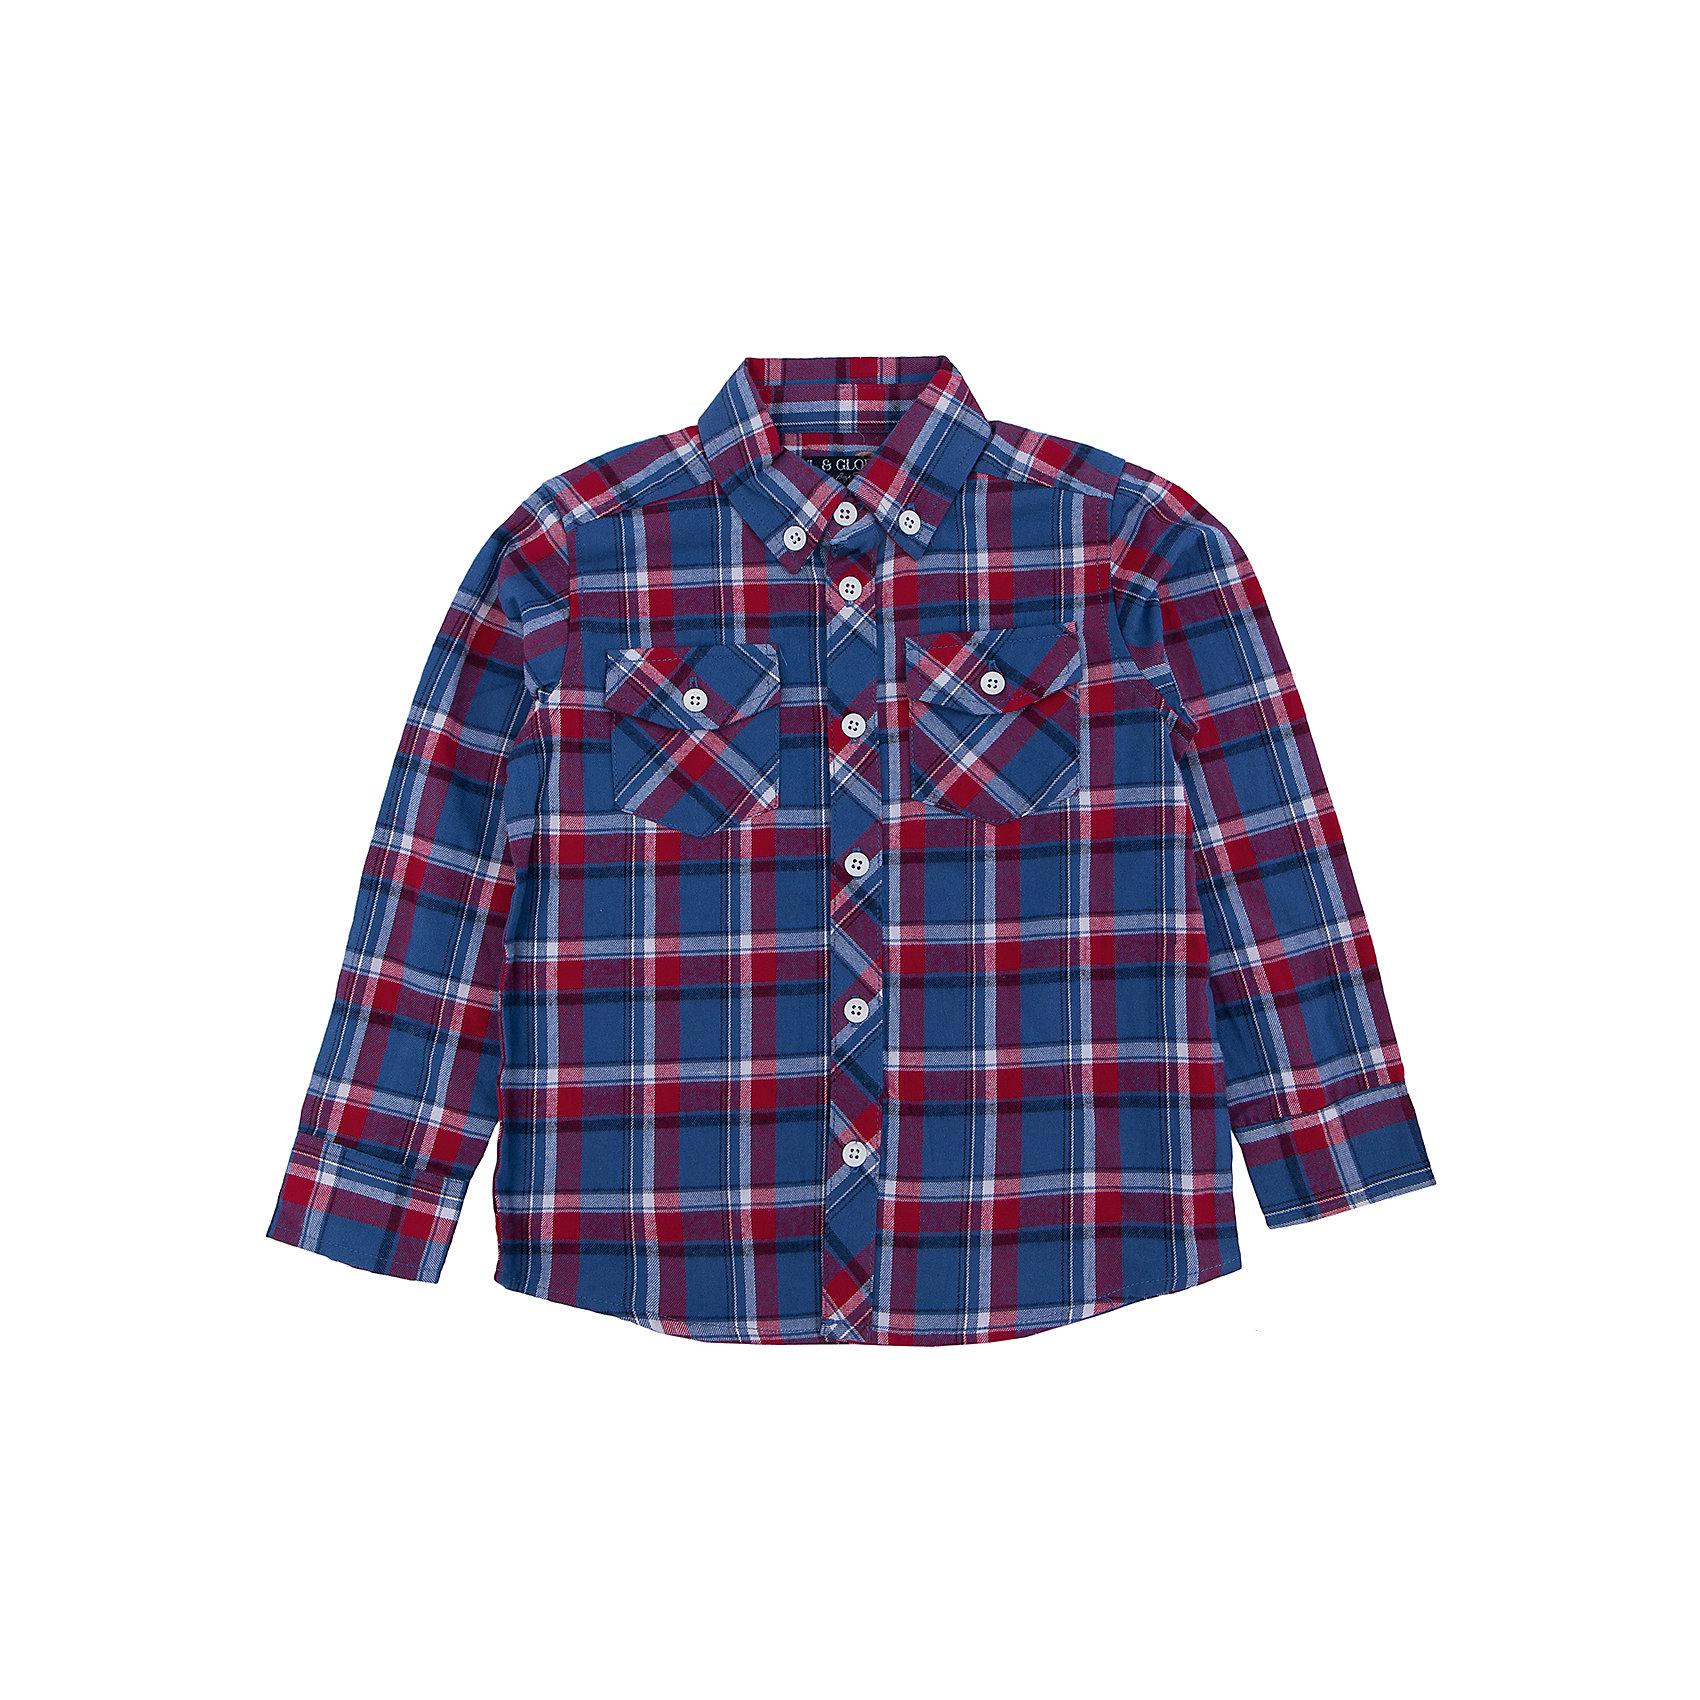 Рубашка для мальчика Soul and GloryРубашка для мальчика от популярной английской марки Soul and Glory<br><br>Модная клетчатая рубашка отличается продуманным кроем и эффектным дизайном. Модель легко надевается, отлично смотрится, не стесняет движения. Материал содержит натуральный хлопок, гипоаллергенный, дышащий и приятный на ощупь.<br><br>Особенности модели:<br><br>- материал: хлопковая ткань;<br>- цвет: красный, синий, белый, в клетку;<br>- два кармана на груди;<br>- отложной воротник;<br>- застежки-пуговицы;<br>- рукава длинные.<br><br>Дополнительная информация:<br><br>Состав: 100% хлопок<br><br>Уход за изделием:<br><br>стирка в машине при температуре до 30°С,<br>не отбеливать,<br>гладить на средней температуре.<br><br>Рубашку для мальчика от Soul and Glory (Соул энд Глори) можно купить в нашем магазине<br><br>Ширина мм: 190<br>Глубина мм: 74<br>Высота мм: 229<br>Вес г: 236<br>Цвет: синий<br>Возраст от месяцев: 24<br>Возраст до месяцев: 36<br>Пол: Мужской<br>Возраст: Детский<br>Размер: 98/104,122/128,110/116,104/110<br>SKU: 4263087